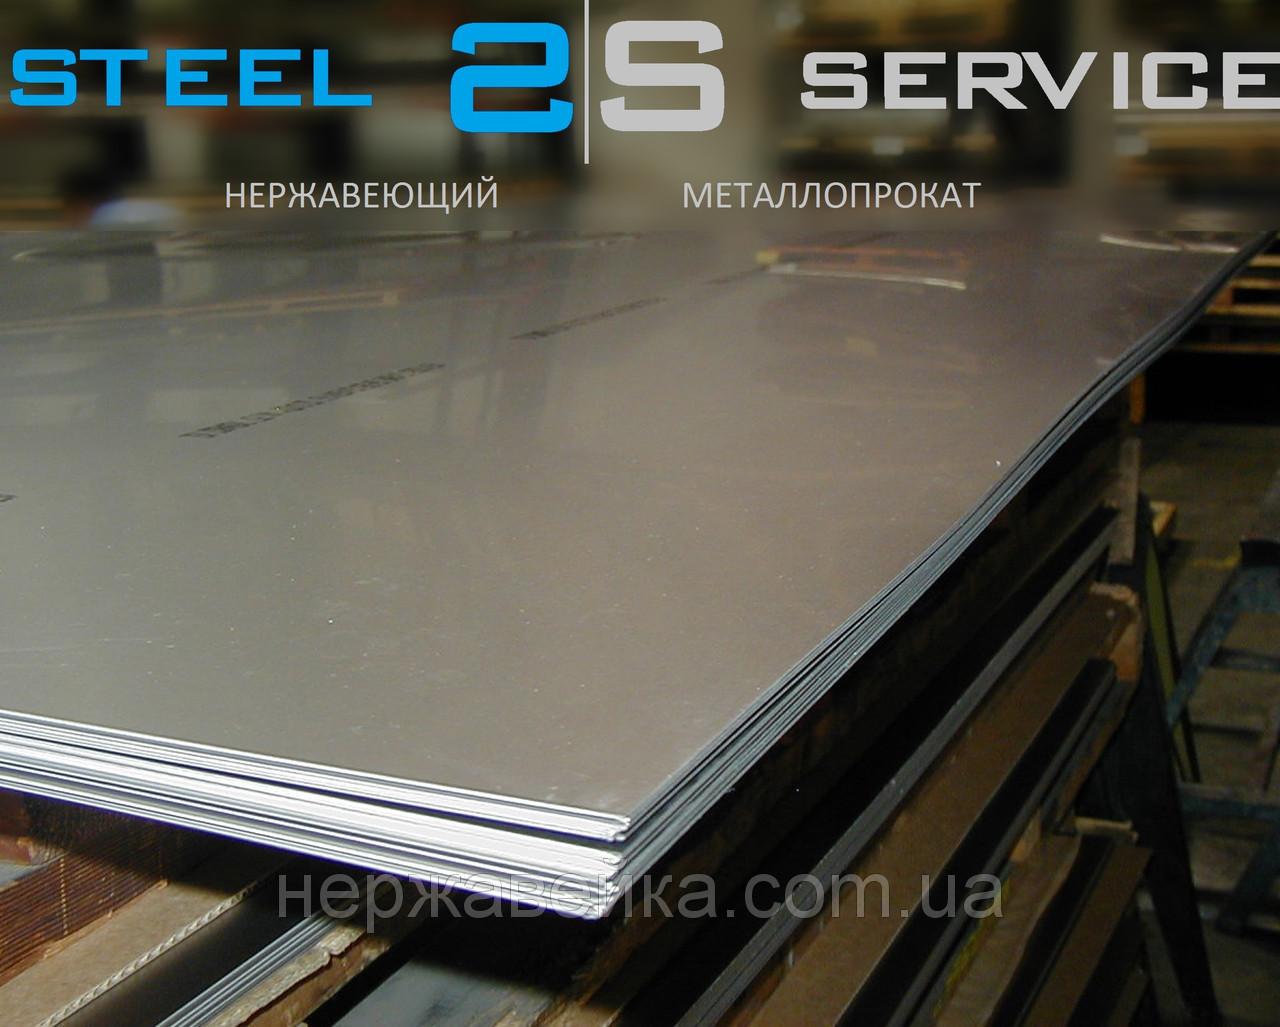 Нержавейка лист 1х1250х2500мм  AISI 321(08Х18Н10Т) 4N - шлифованный,  пищевой